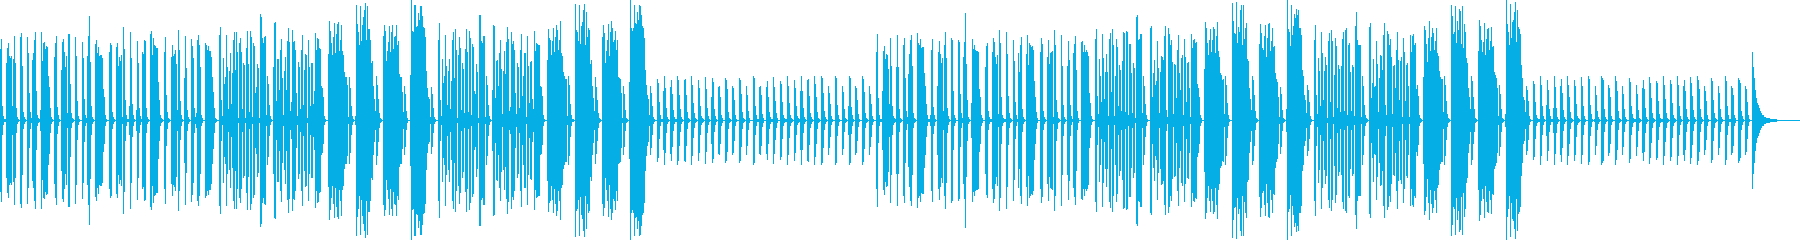 ポンコツ・コミカル・へっぽこ・リコーダーの再生済みの波形